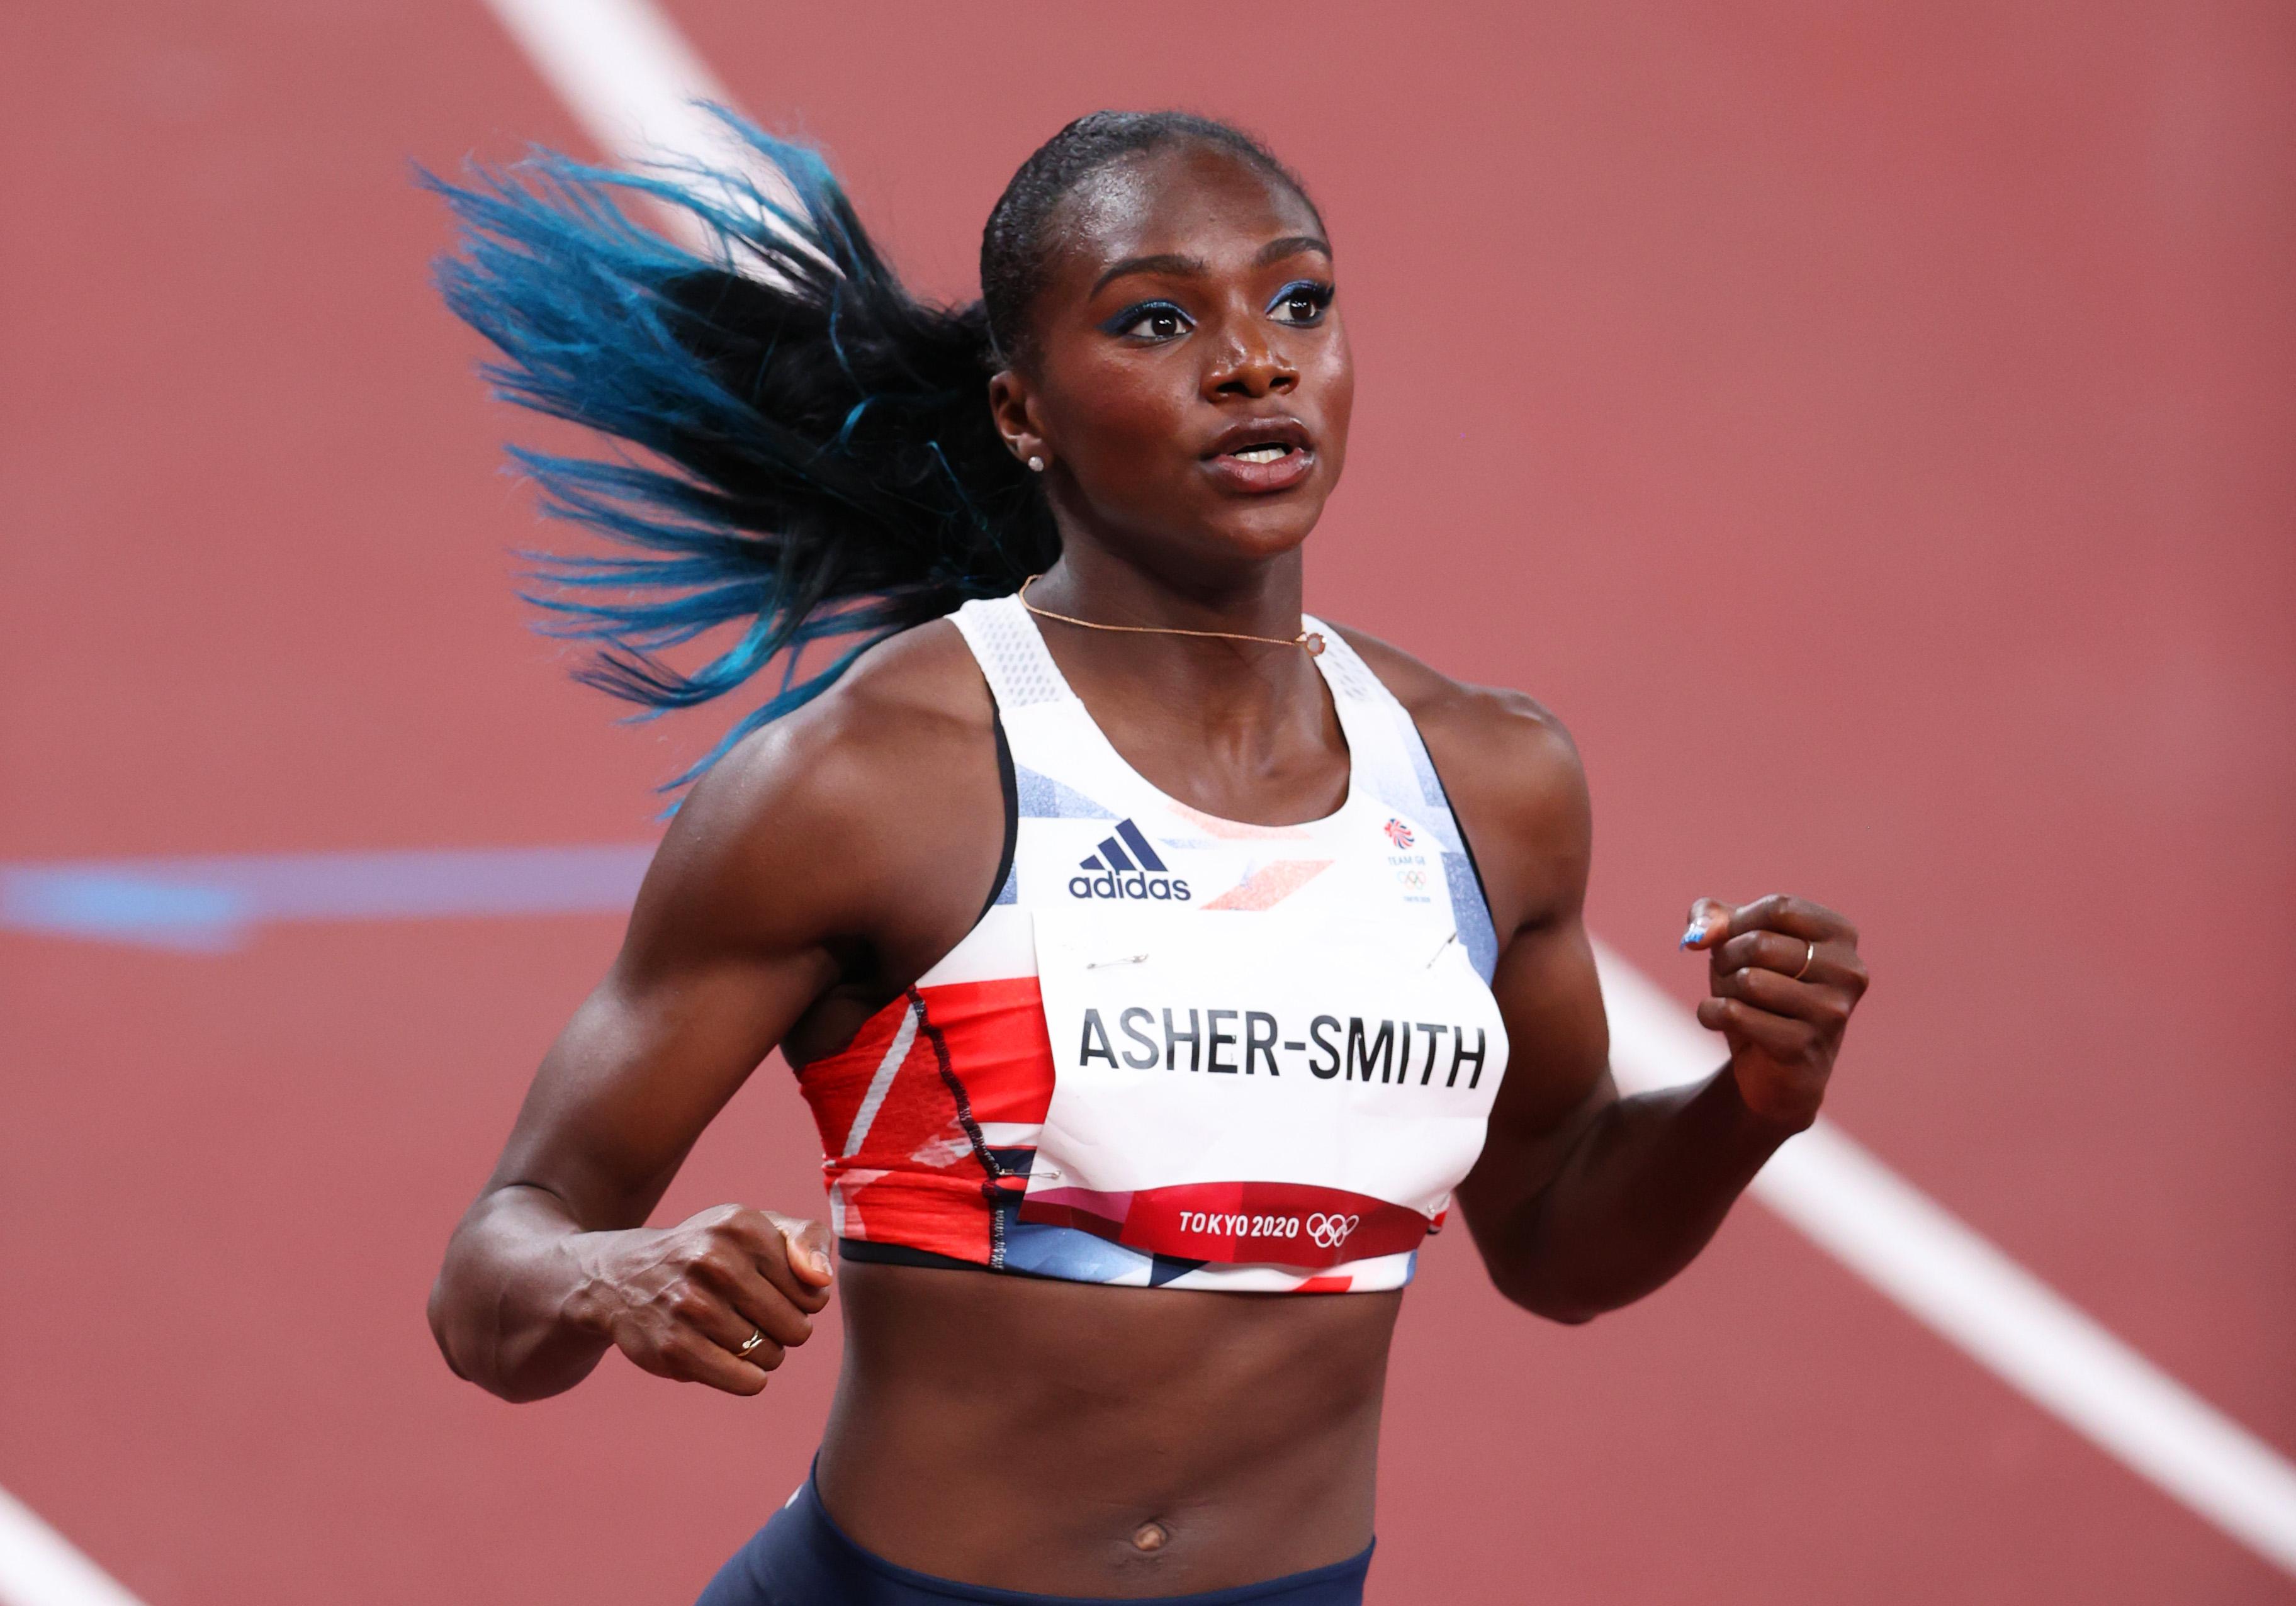 A velocista Dina Asher-Smith, da Grã Bretanha, nas Olimpíadas de Tóquio. Ela está com um top branco, cabelo amarrado em um rabo, enquanto corre na pista de atletismo.